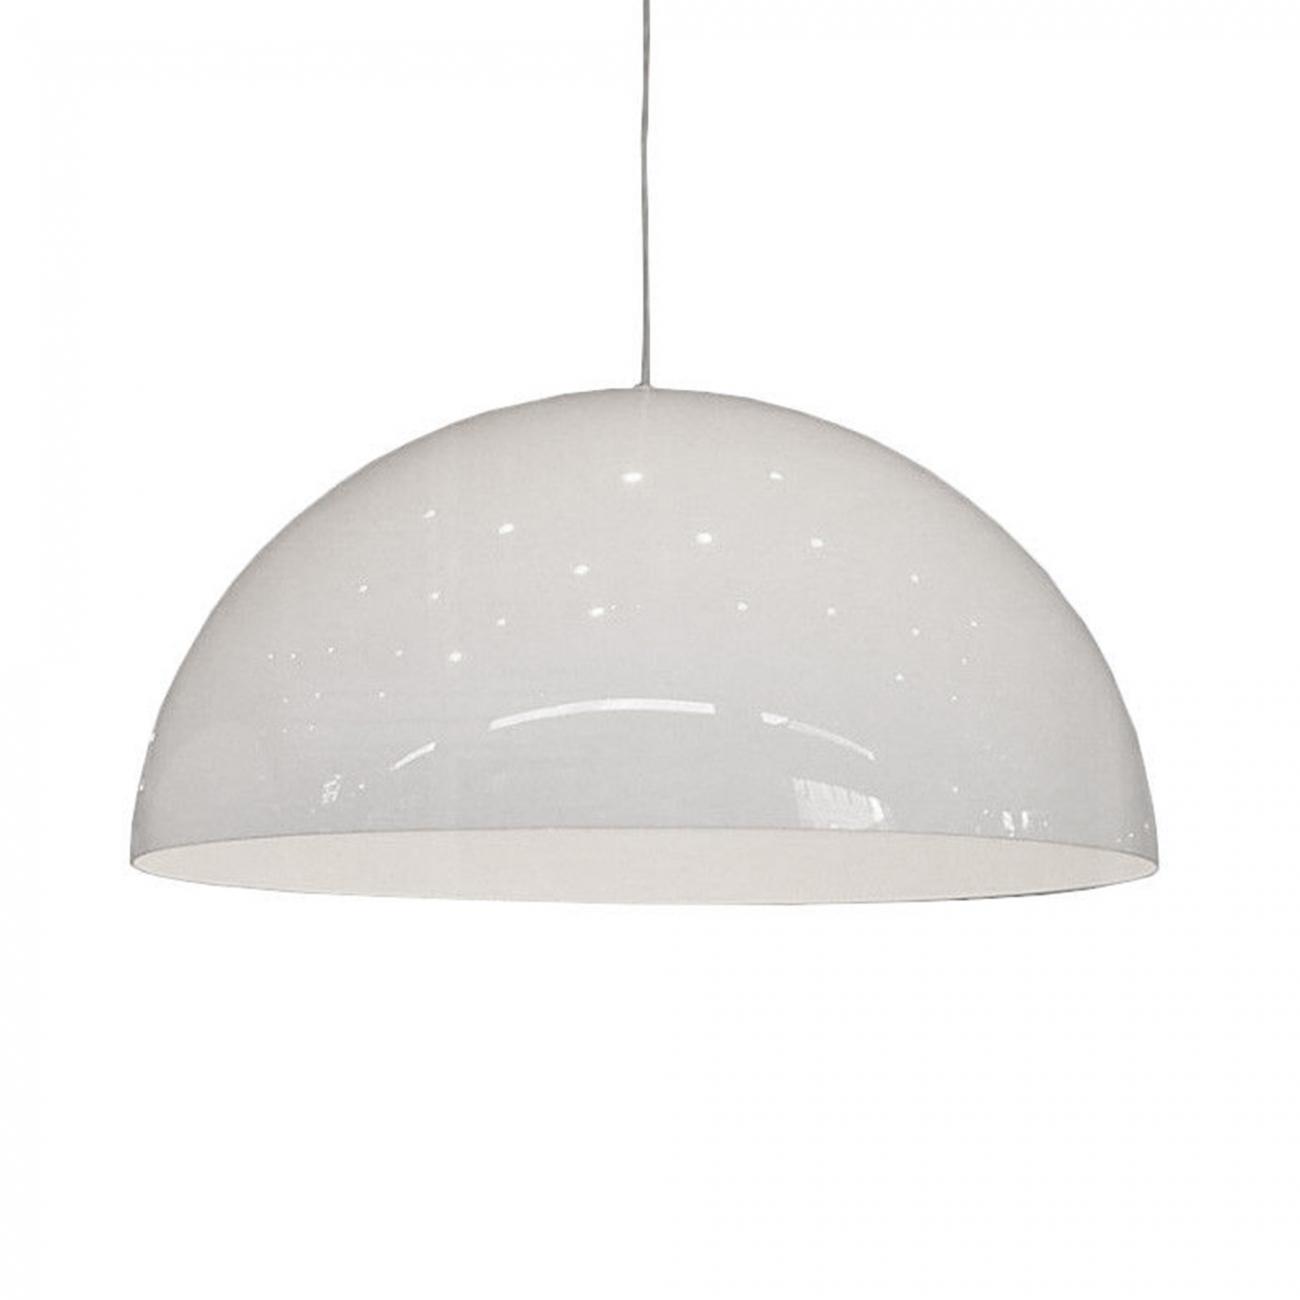 OLuce Sonora 490 Suspension lamp